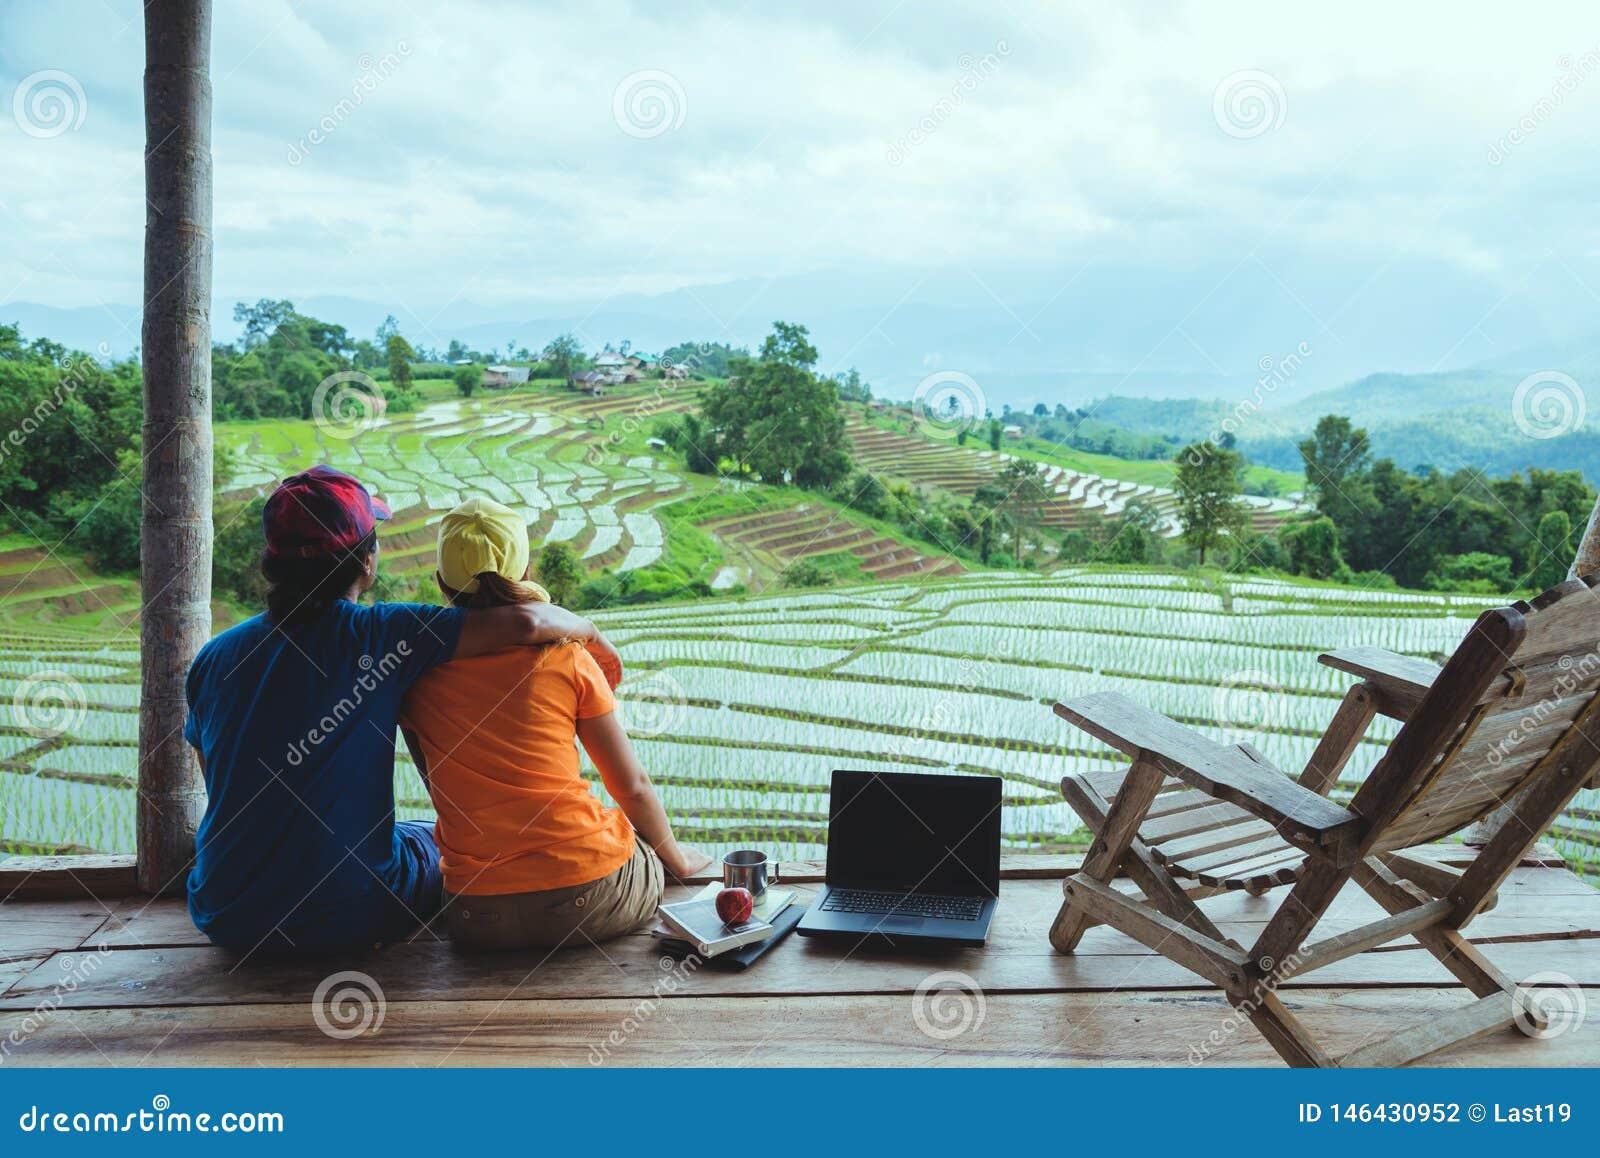 Liebhaberfrau und asiatische Reisenatur des Mannes Reise entspannen sich Der Balkon des Erholungsortes Ansicht des Feldes auf dem